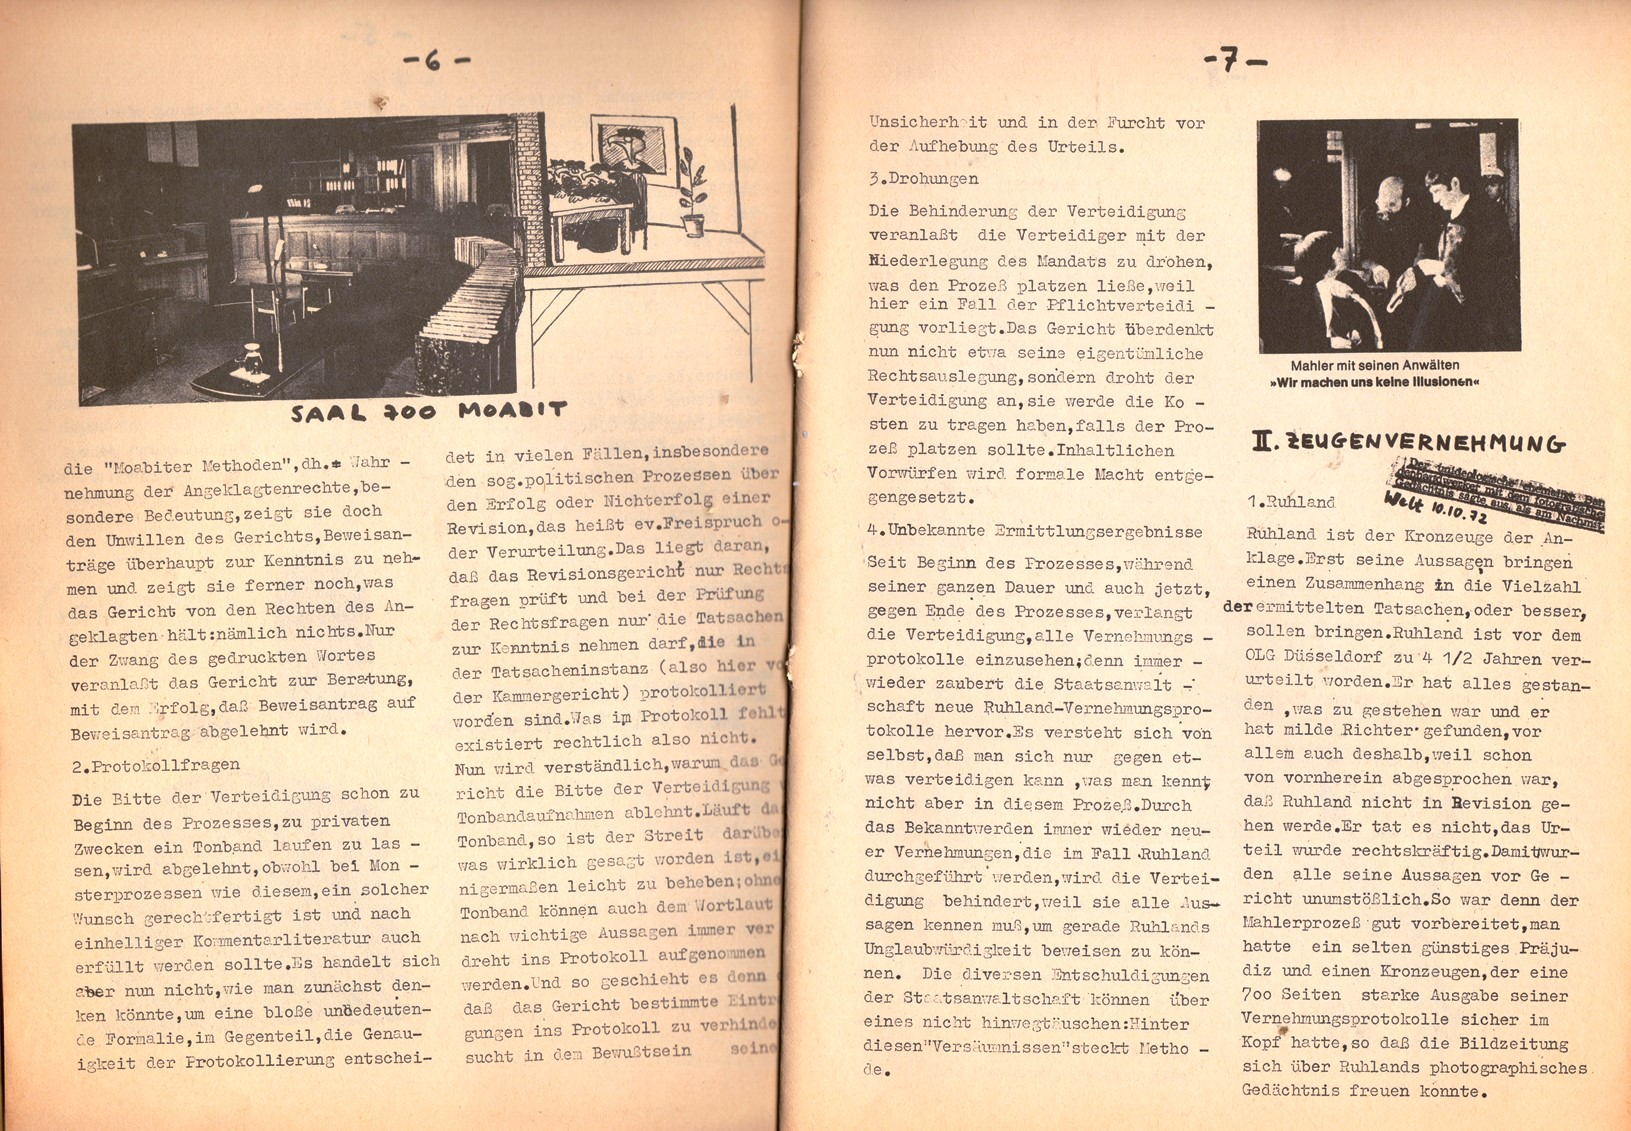 Berlin_RH_1973_zu_Horst_Mahler_05